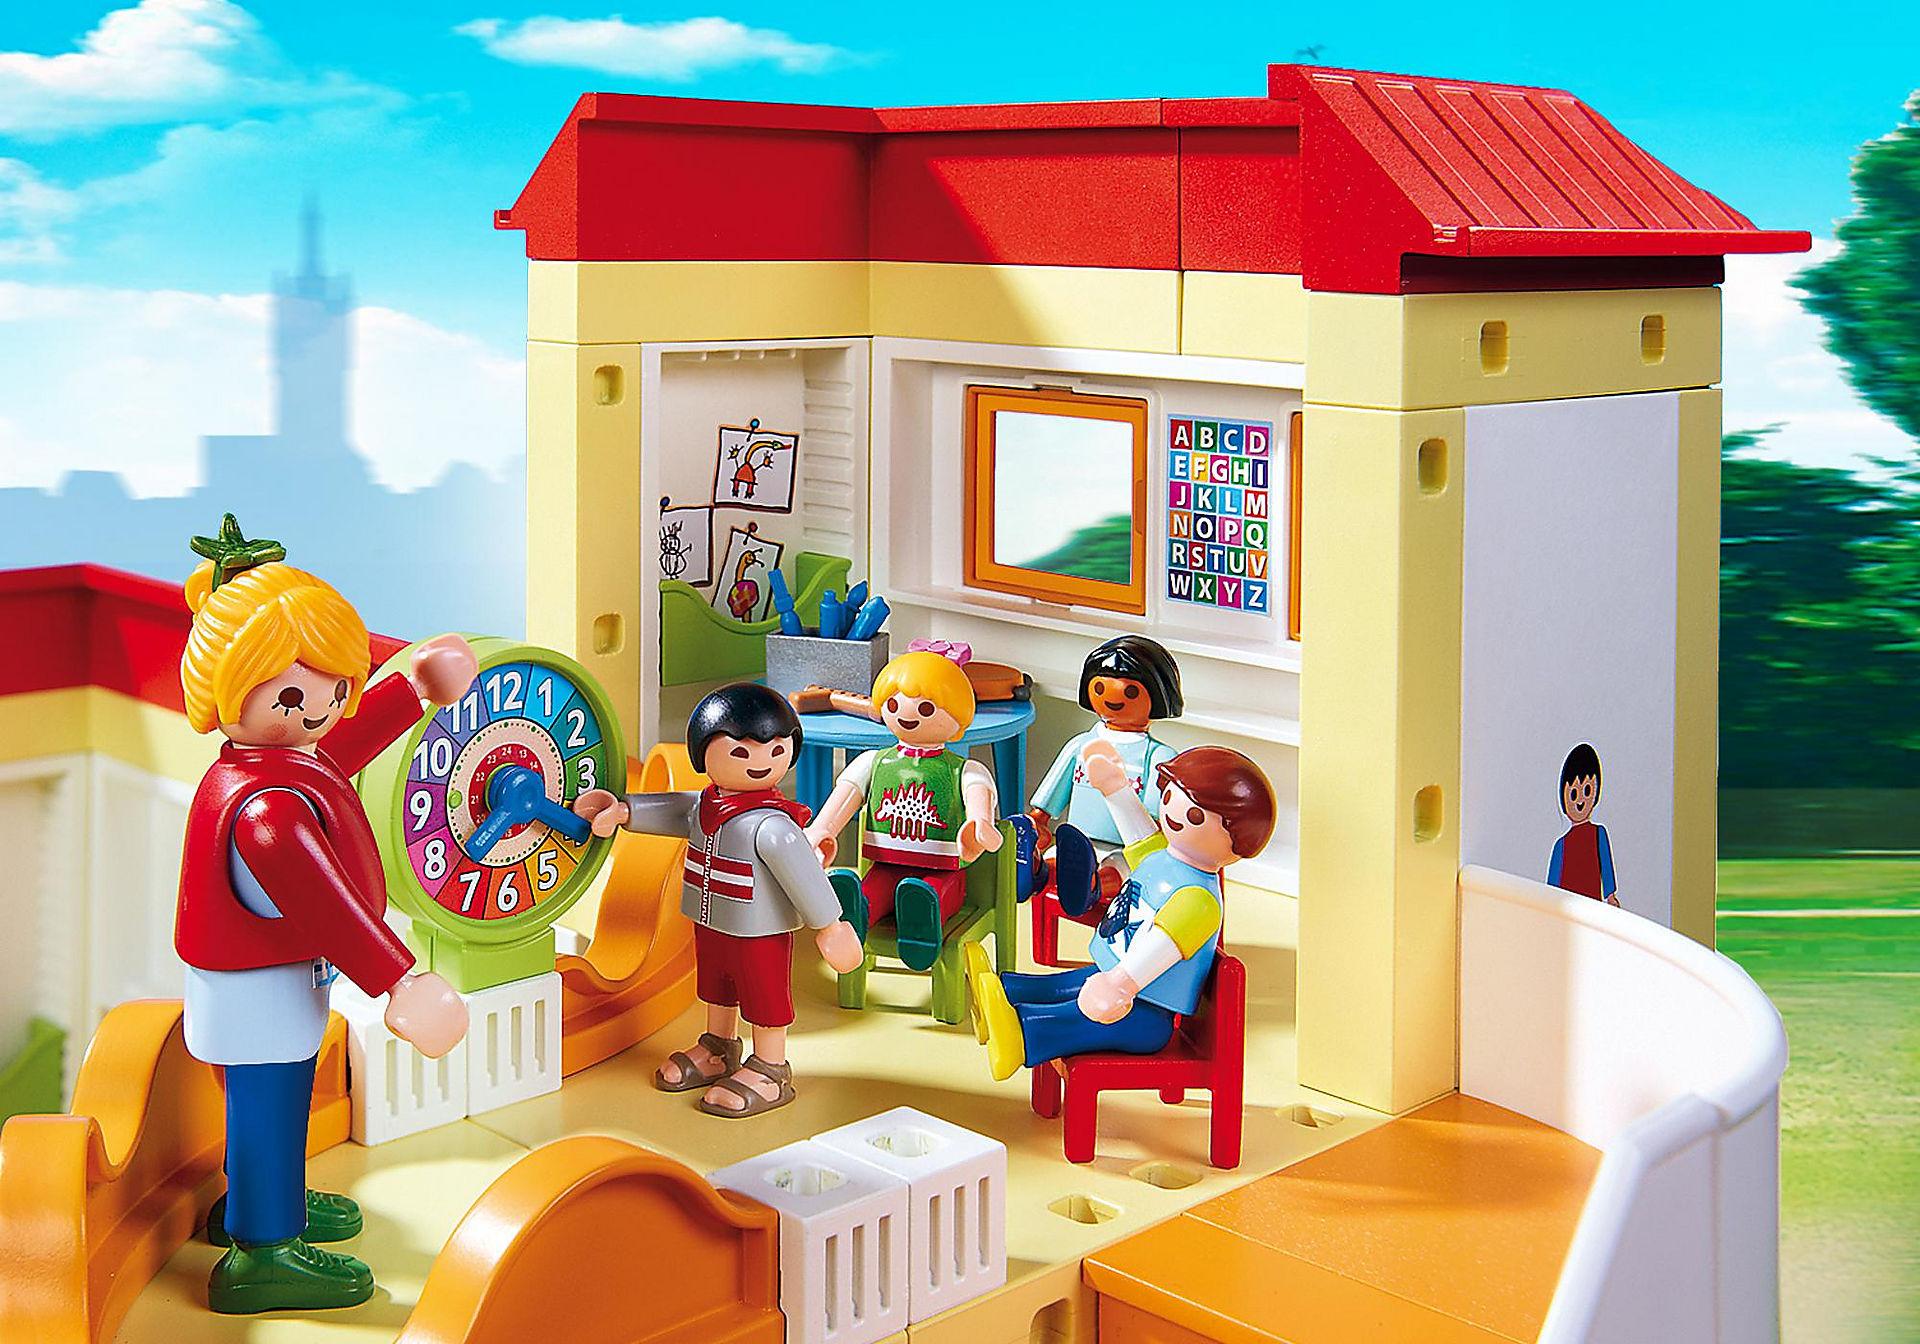 http://media.playmobil.com/i/playmobil/5567_product_extra1/Kinderdagverblijf